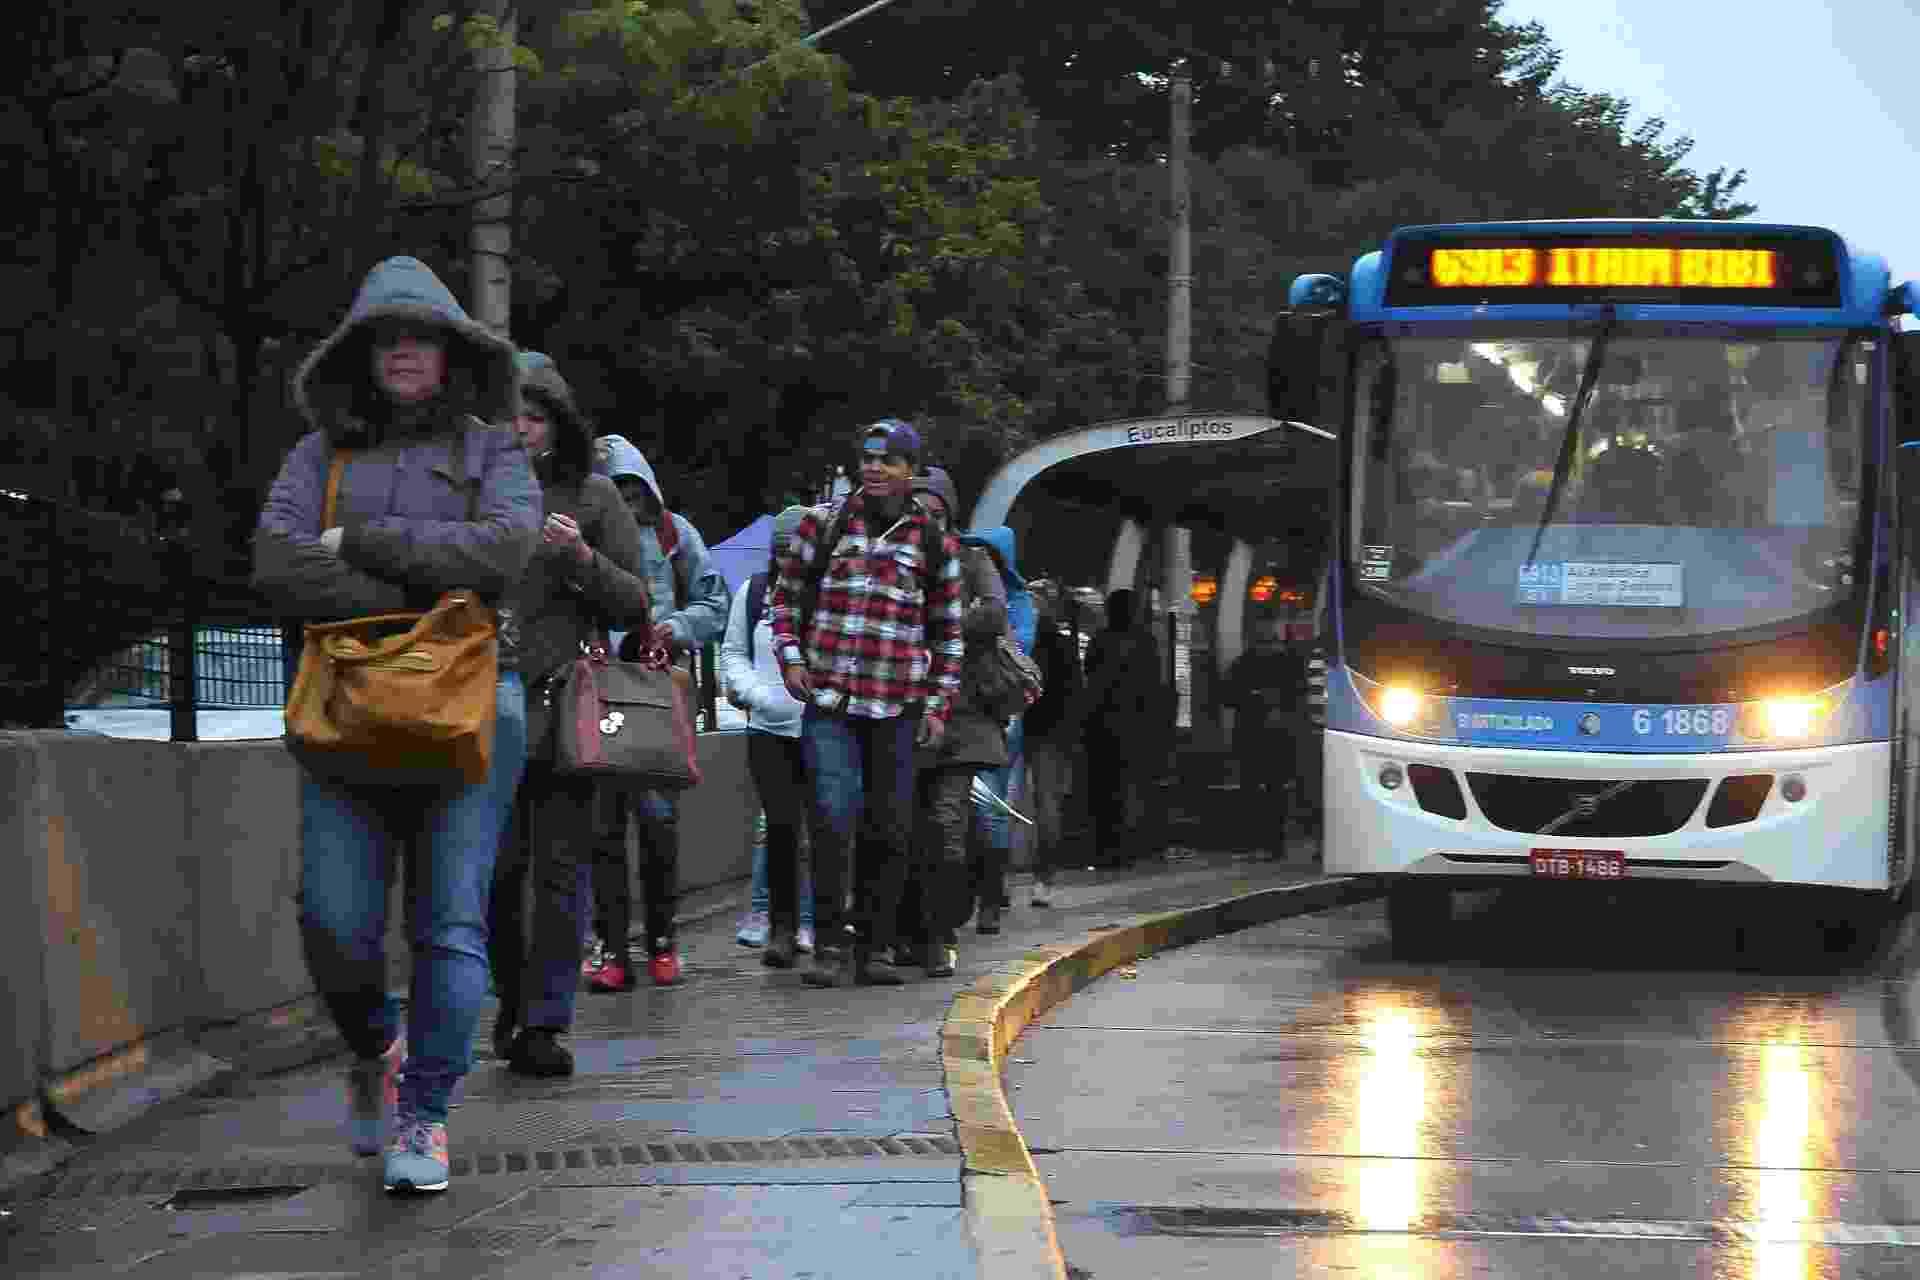 26.jul.2013 - Pedestres enfrentam manhã fria e chuvosa à espera de ônibus na avenida Santo Amaro, na zona sul de São Paulo - Felipe Andrei/Futura Press